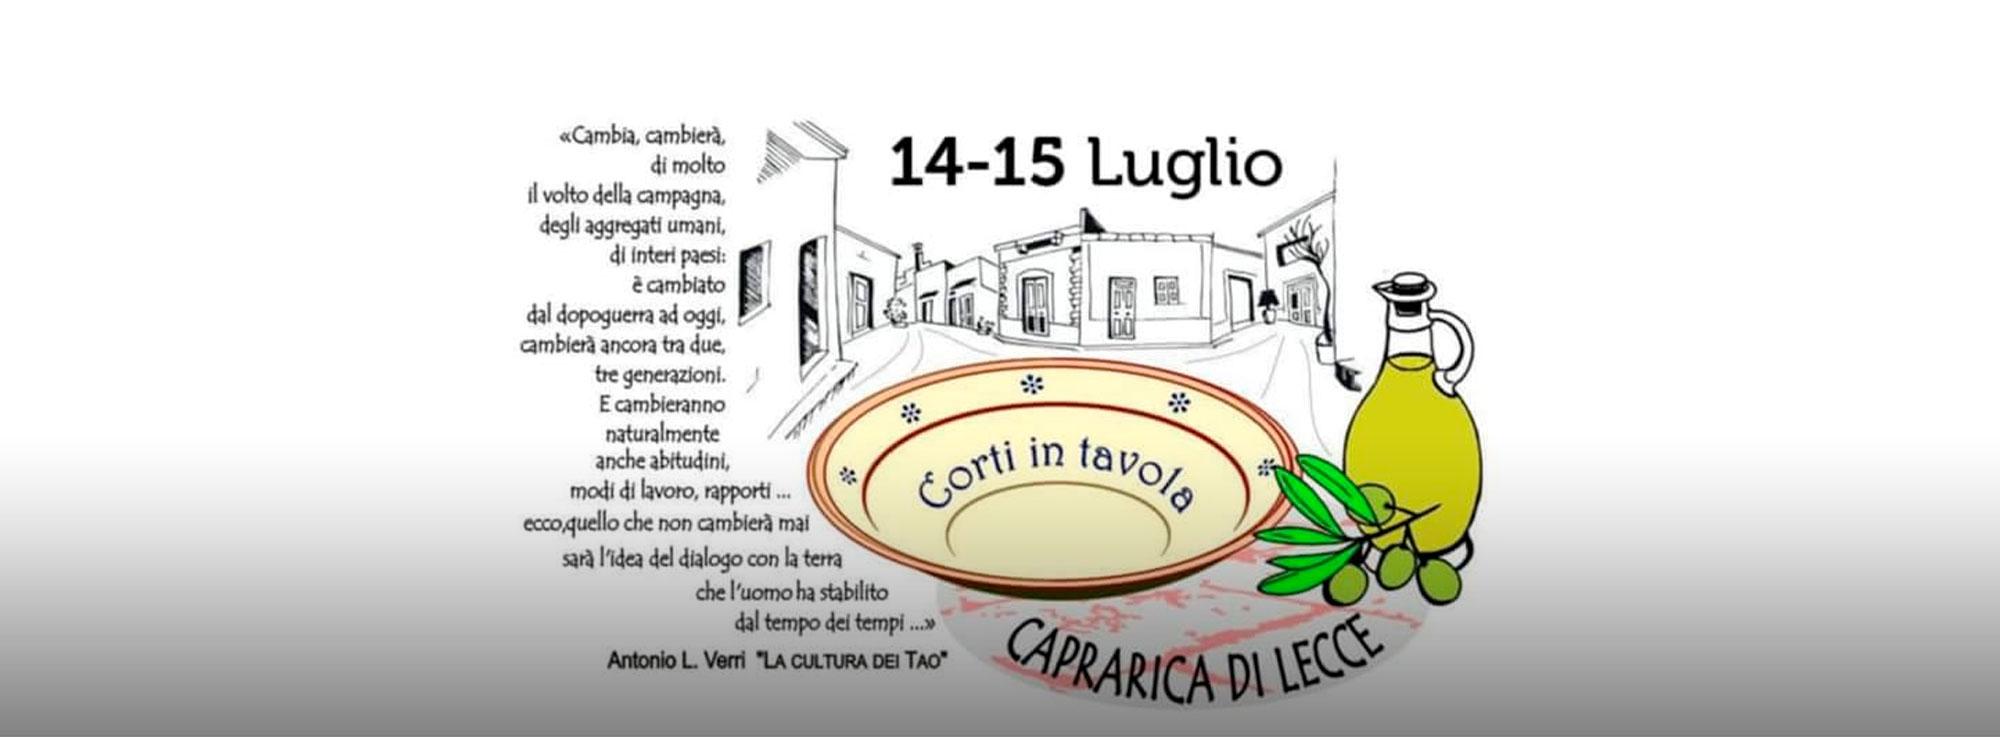 Caprarica di Lecce: Corti in Tavola